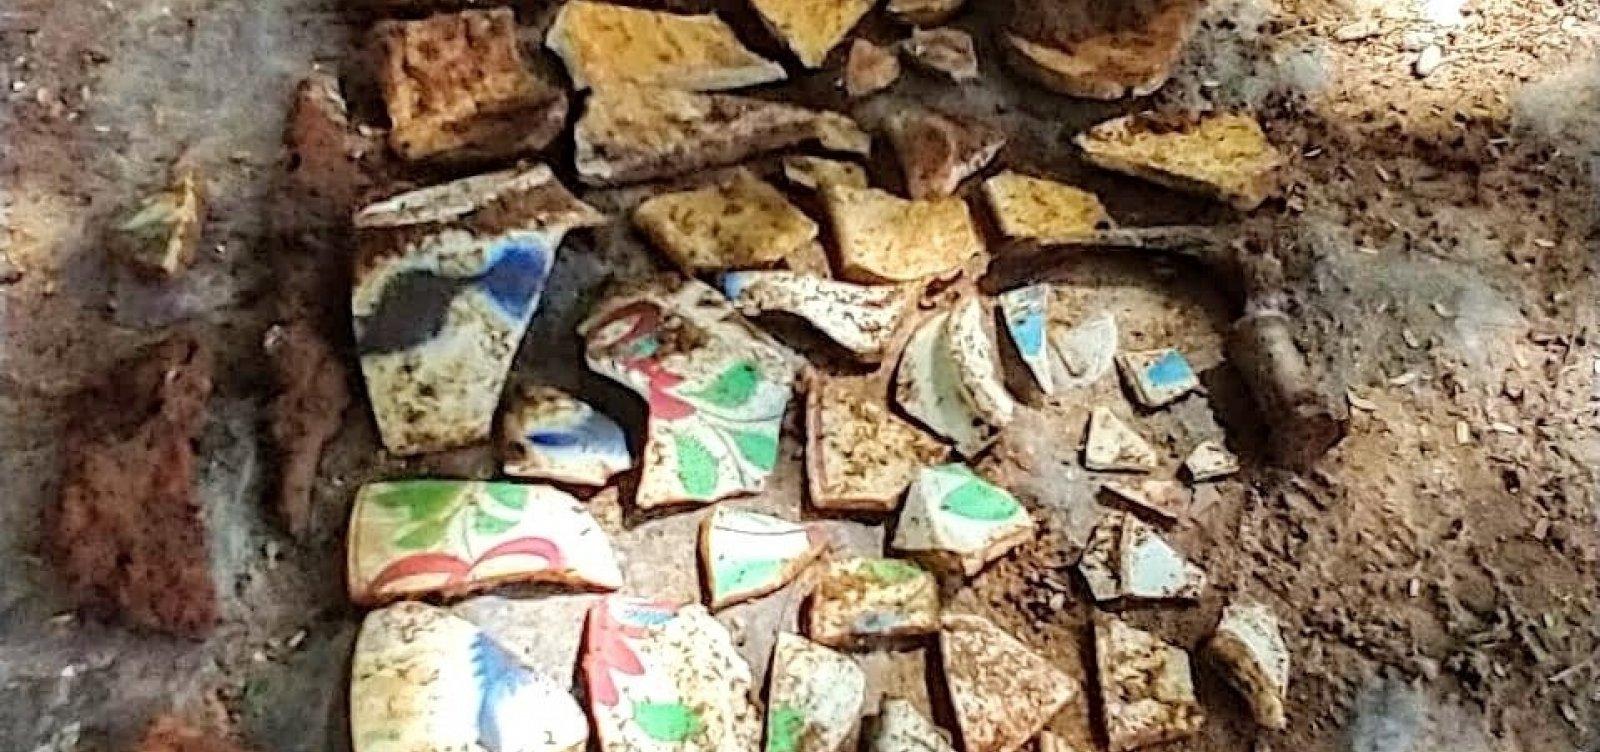 [Arqueólogos descobrem acervo do século XIX no bairro do Santo Antônio]